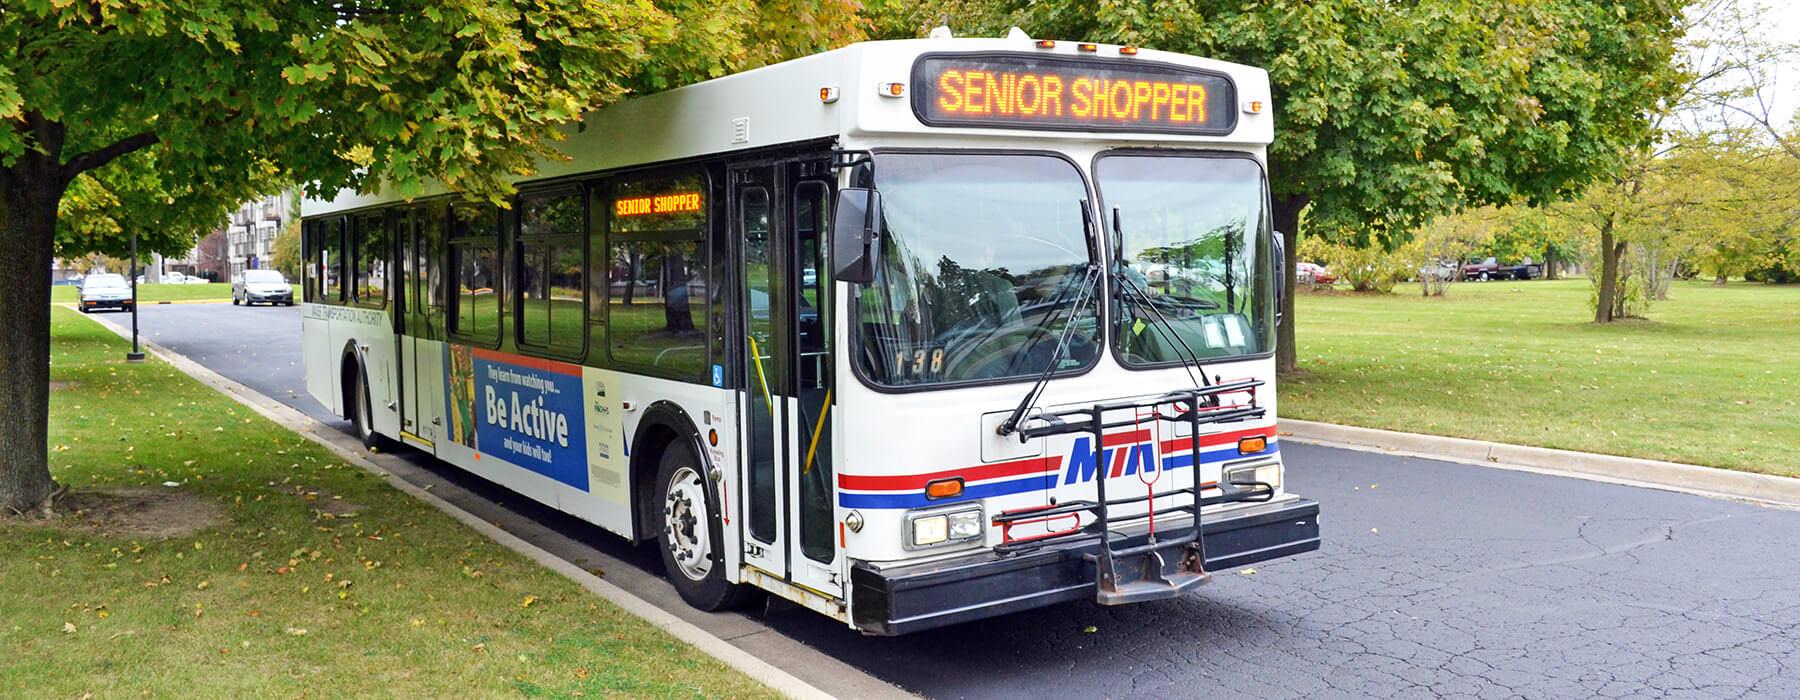 Senior Shopper bus on city street.